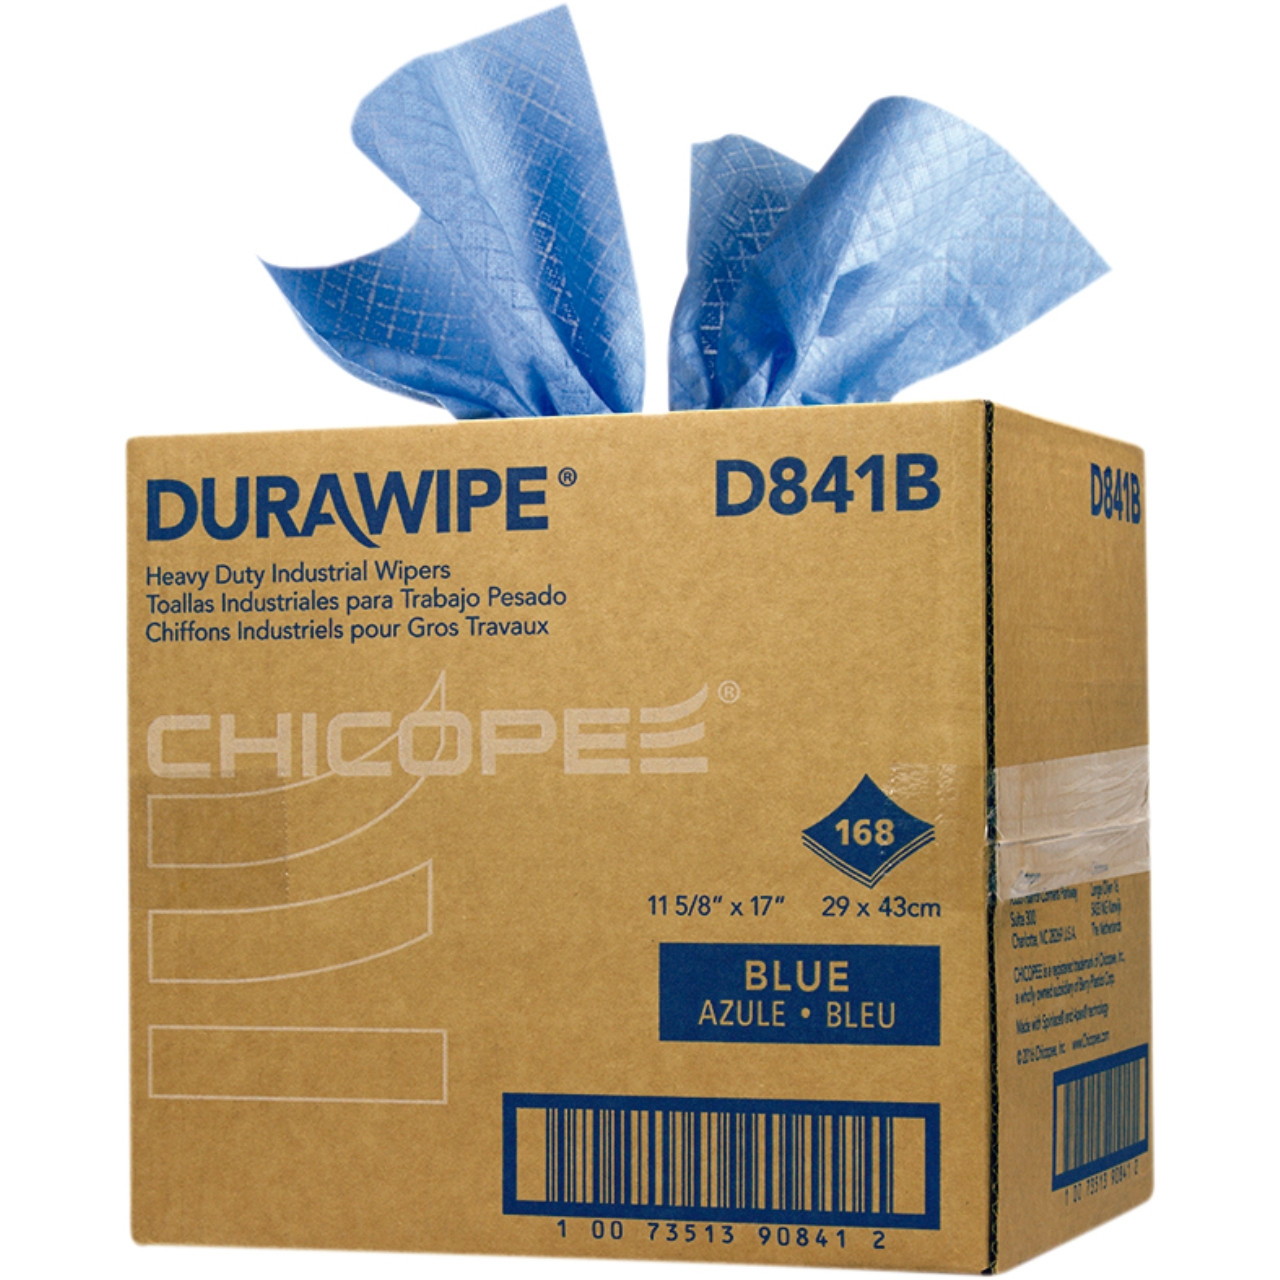 Chicopee durawipe plus blau 1c. 29 x 43 cm